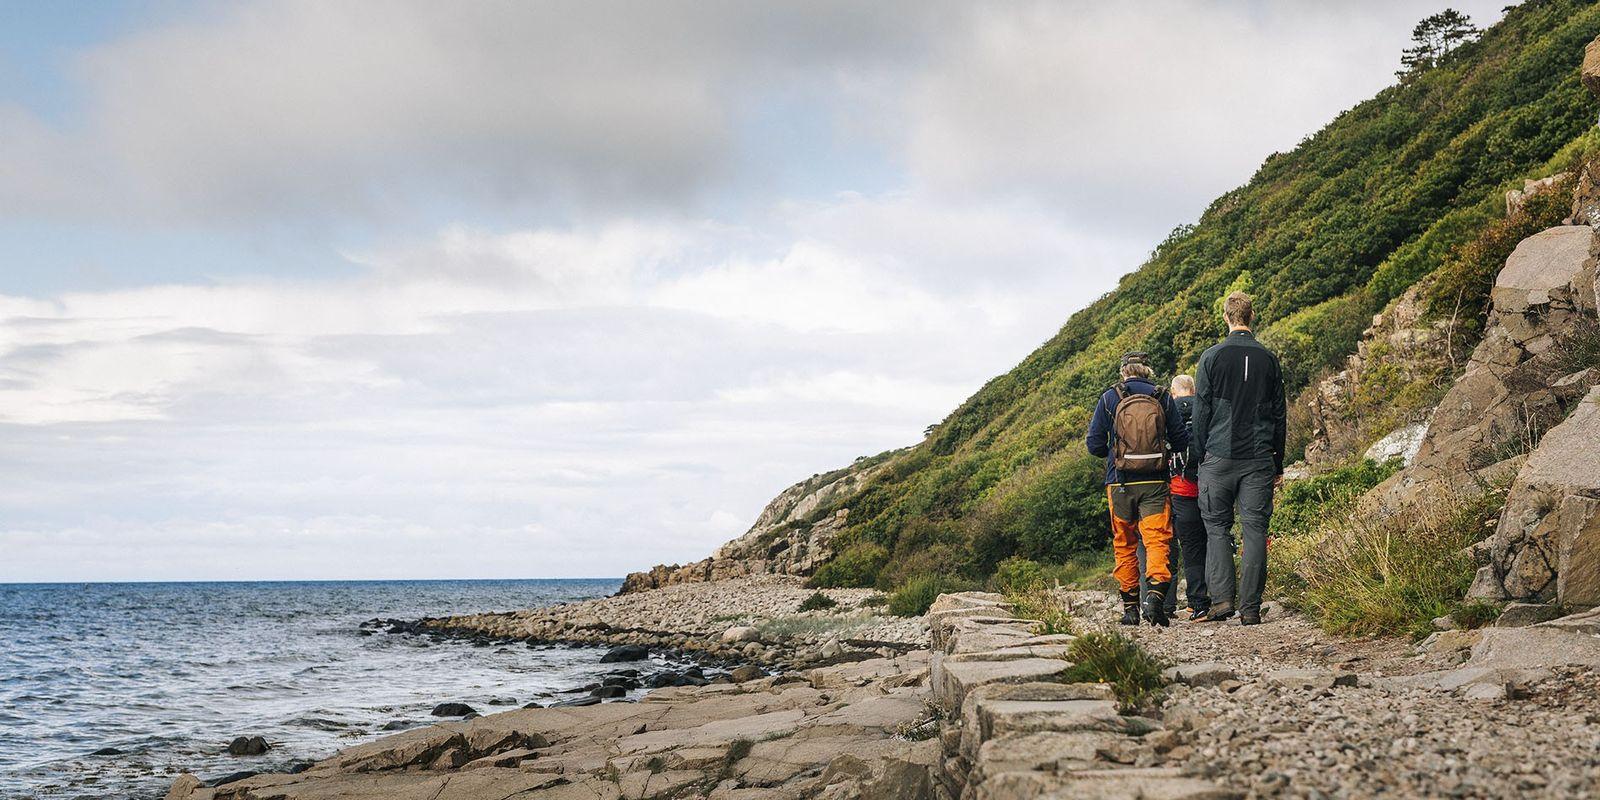 Hike the epic Skåneleden trail